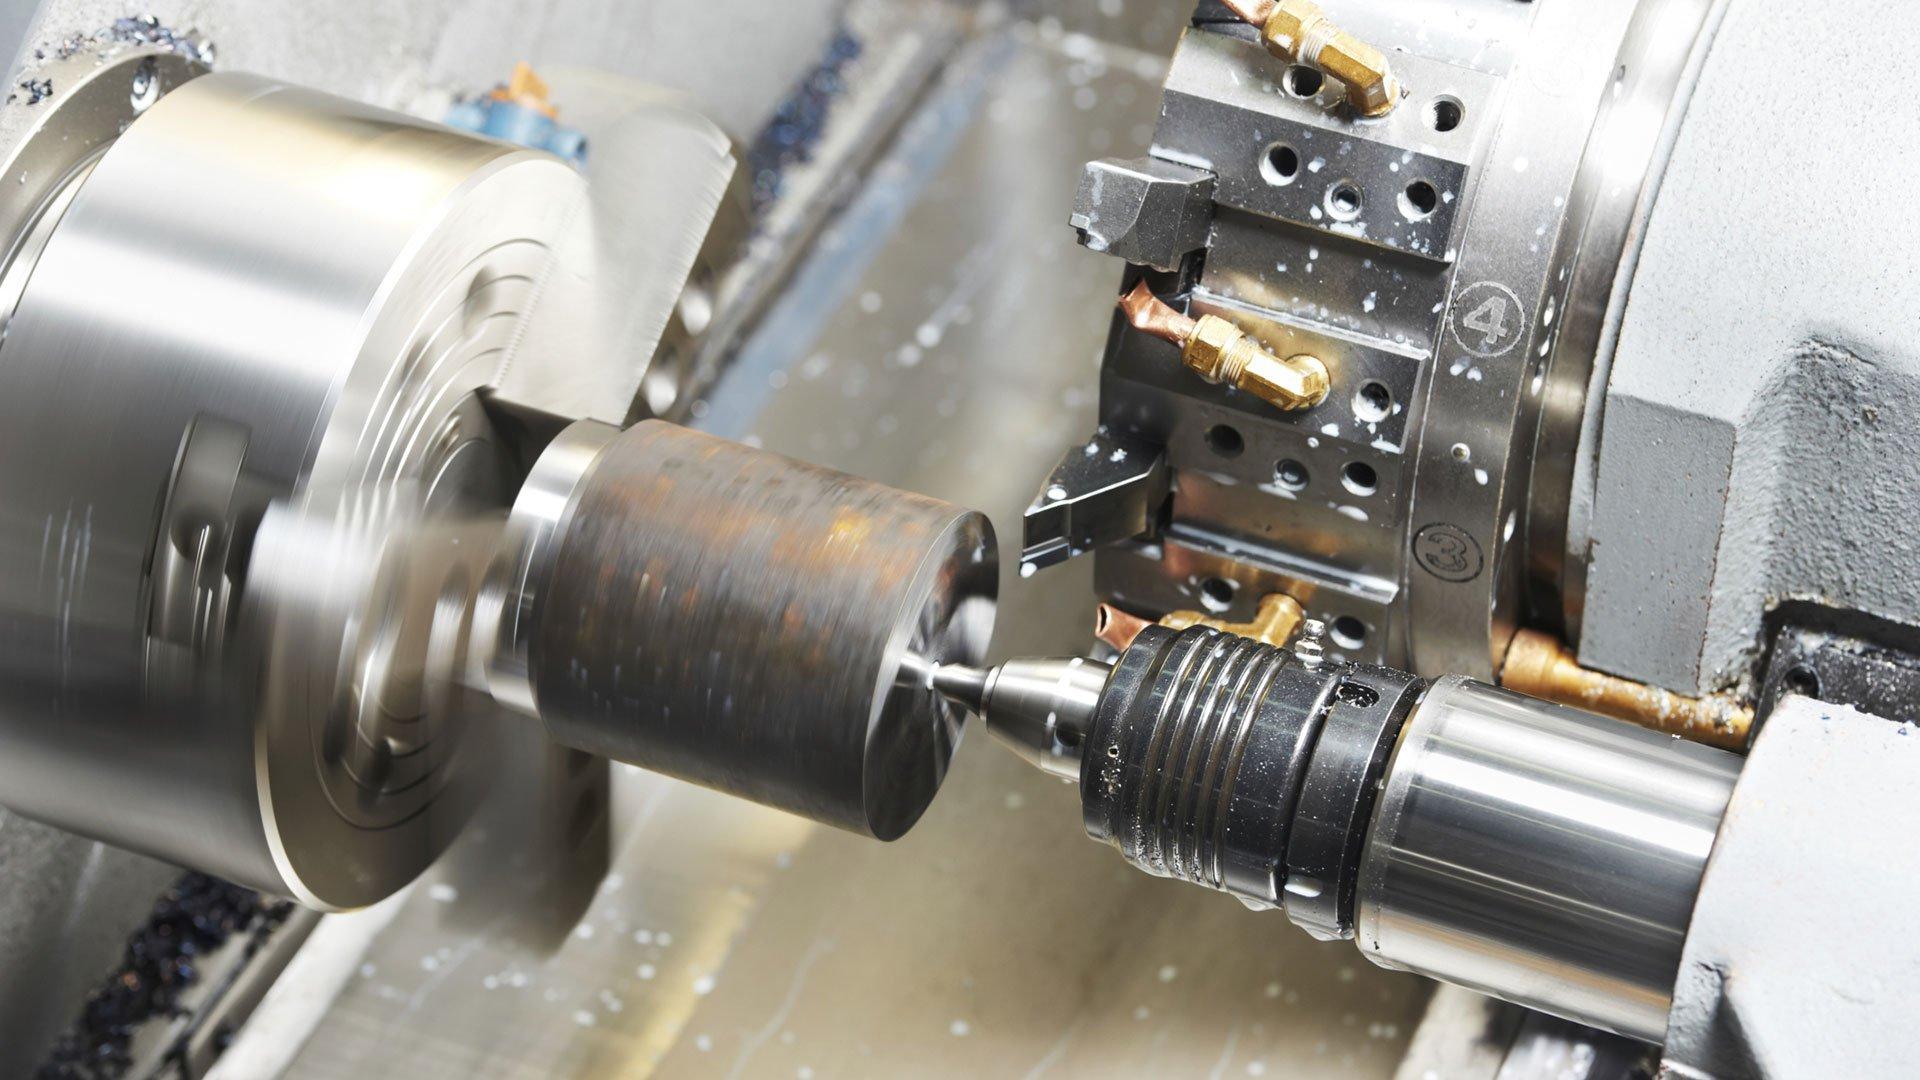 un operaio mentre sta Saldando due pezzi di metallo